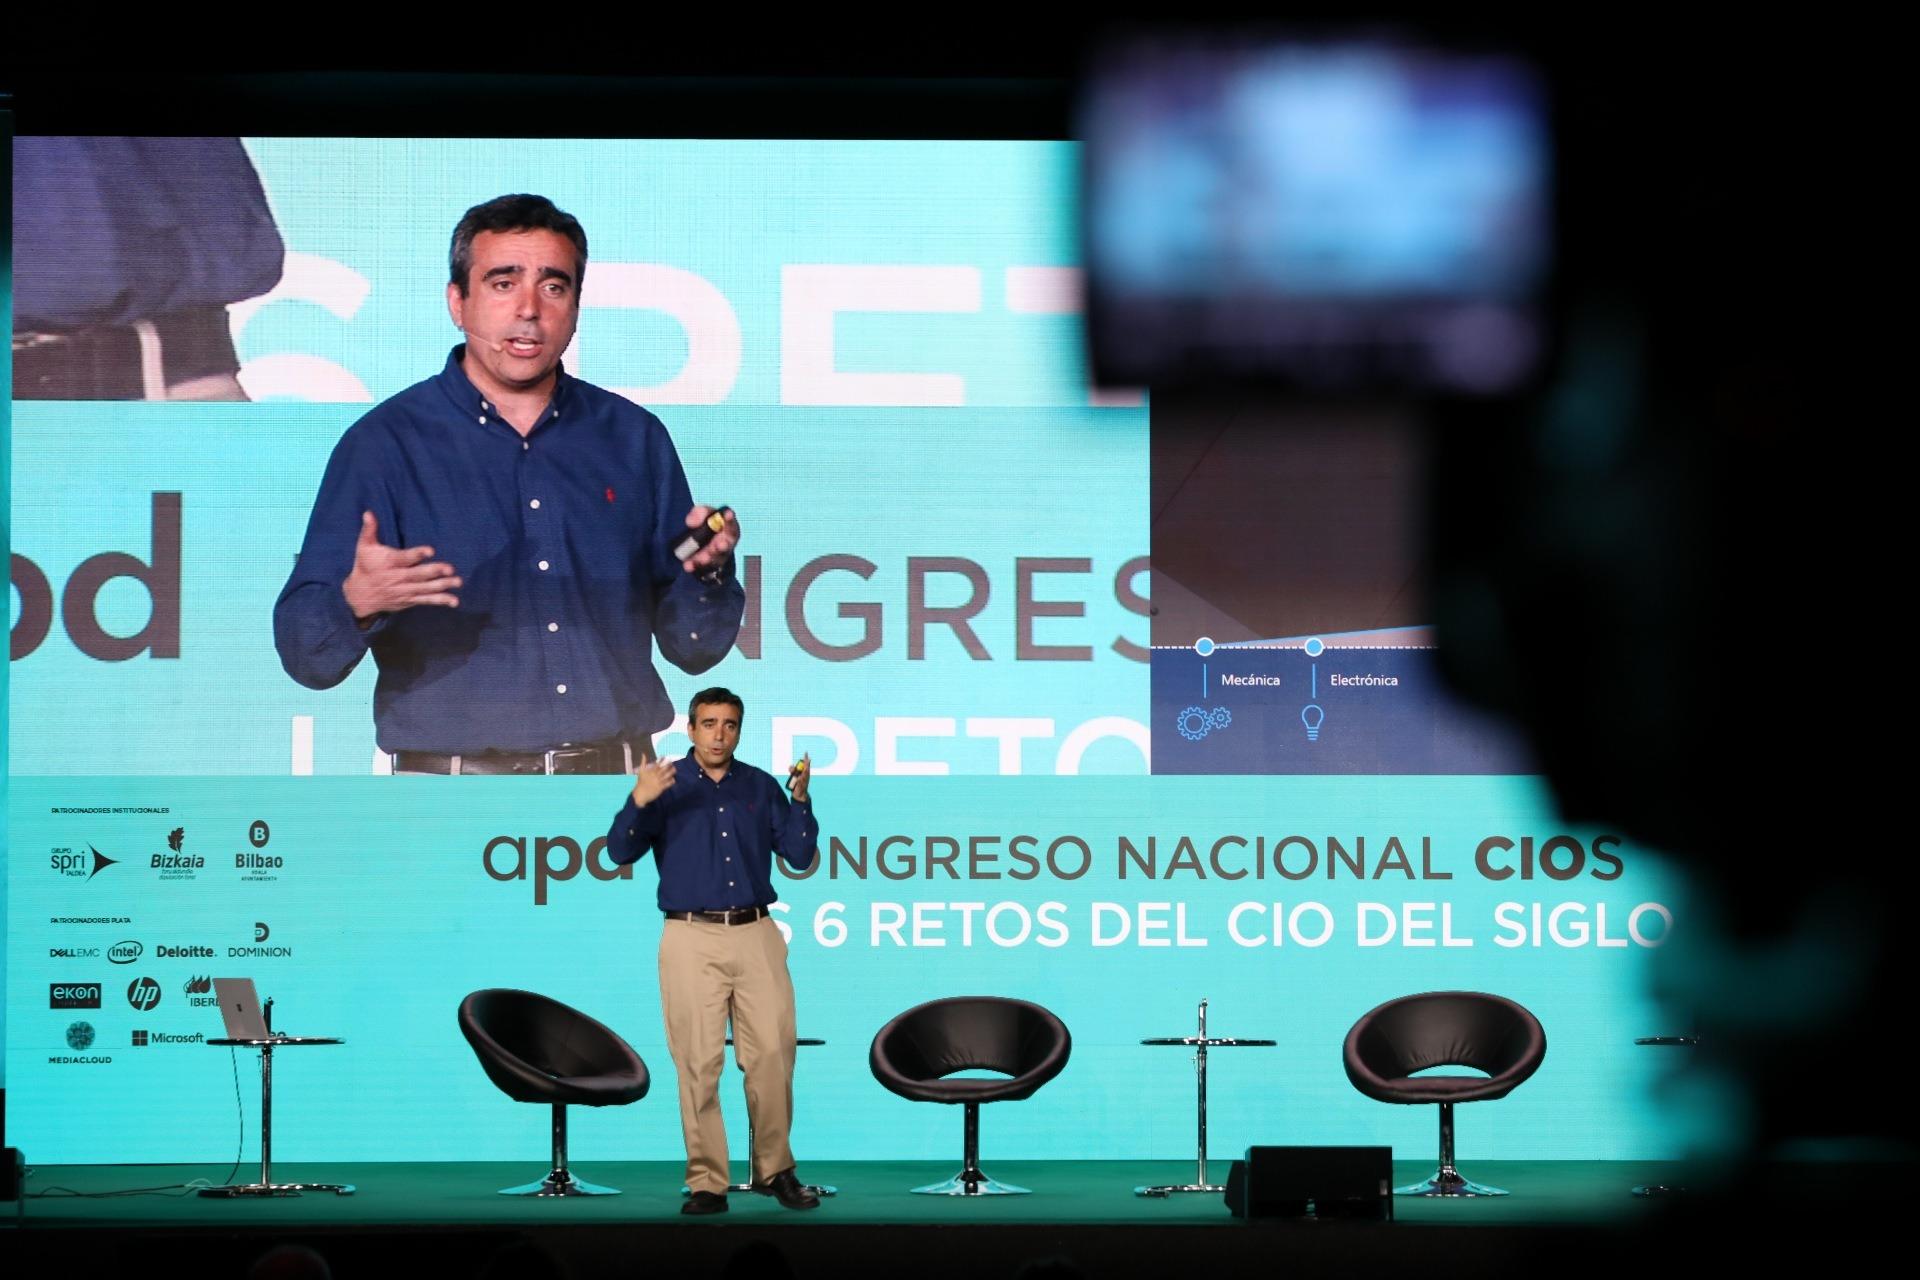 Intervención de David Carmona en el III Congreso CIOS APD celebrado en Bilbao